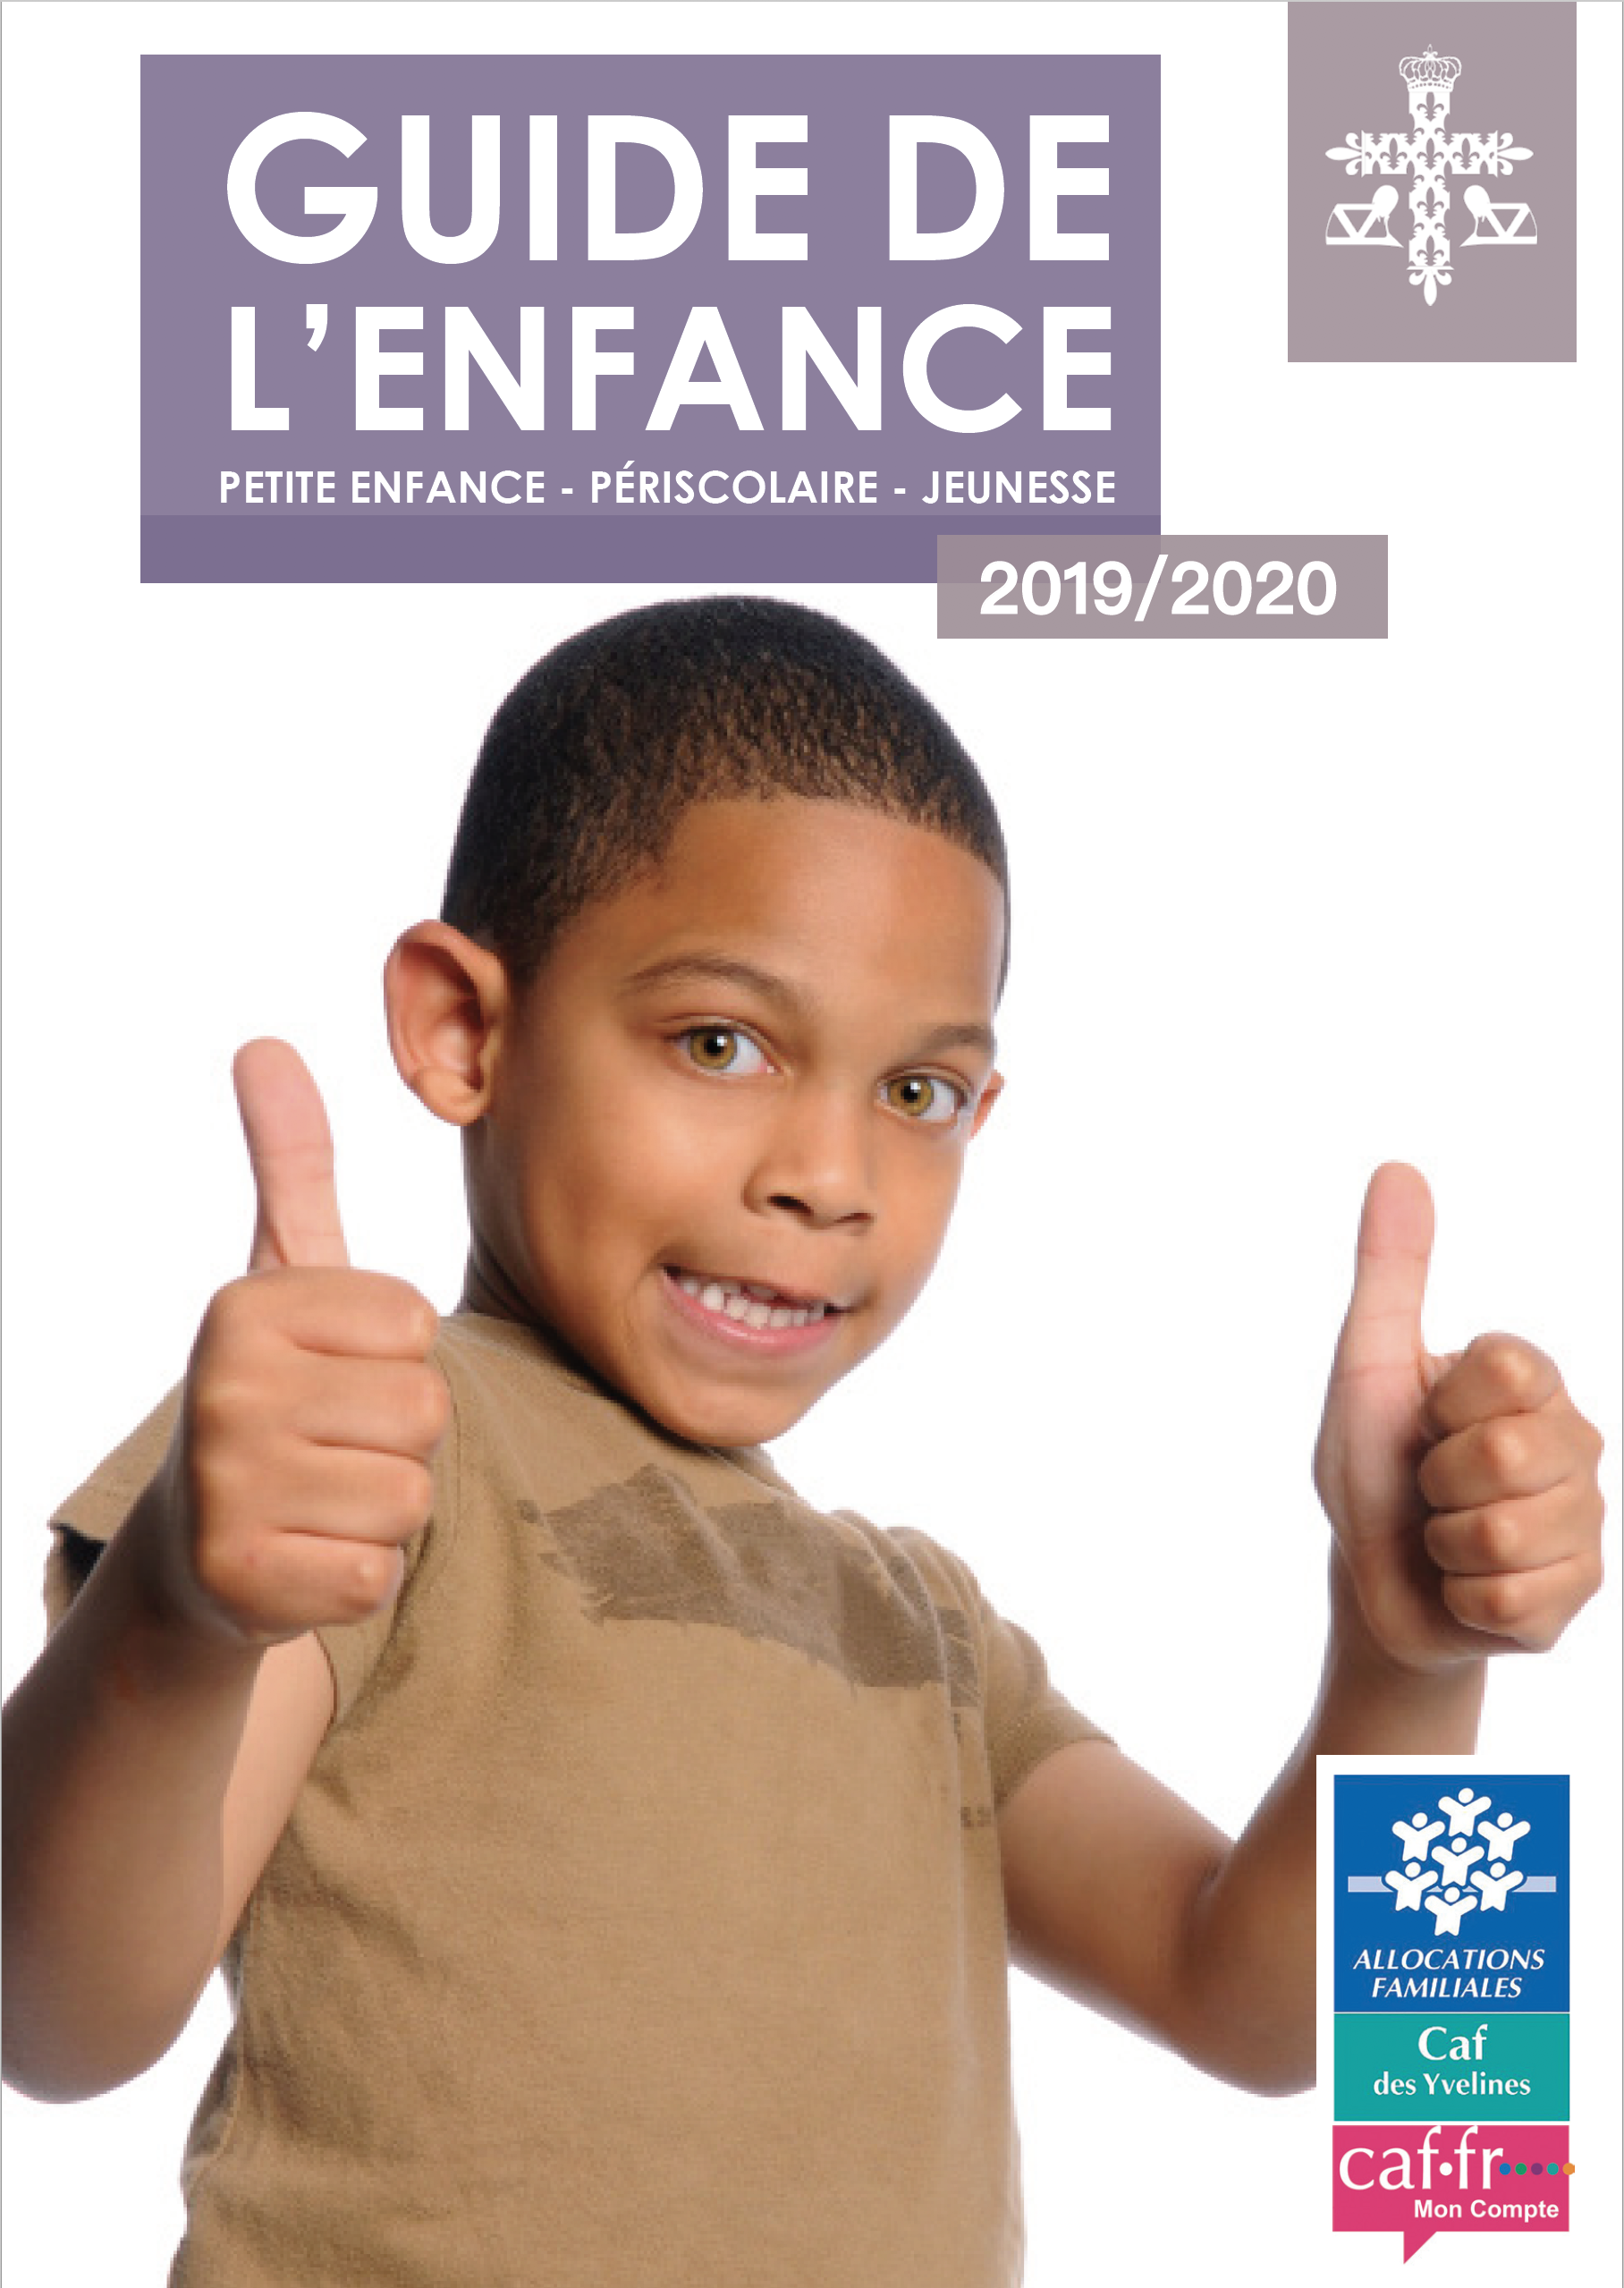 Guide de l'Enfance 2019-2020